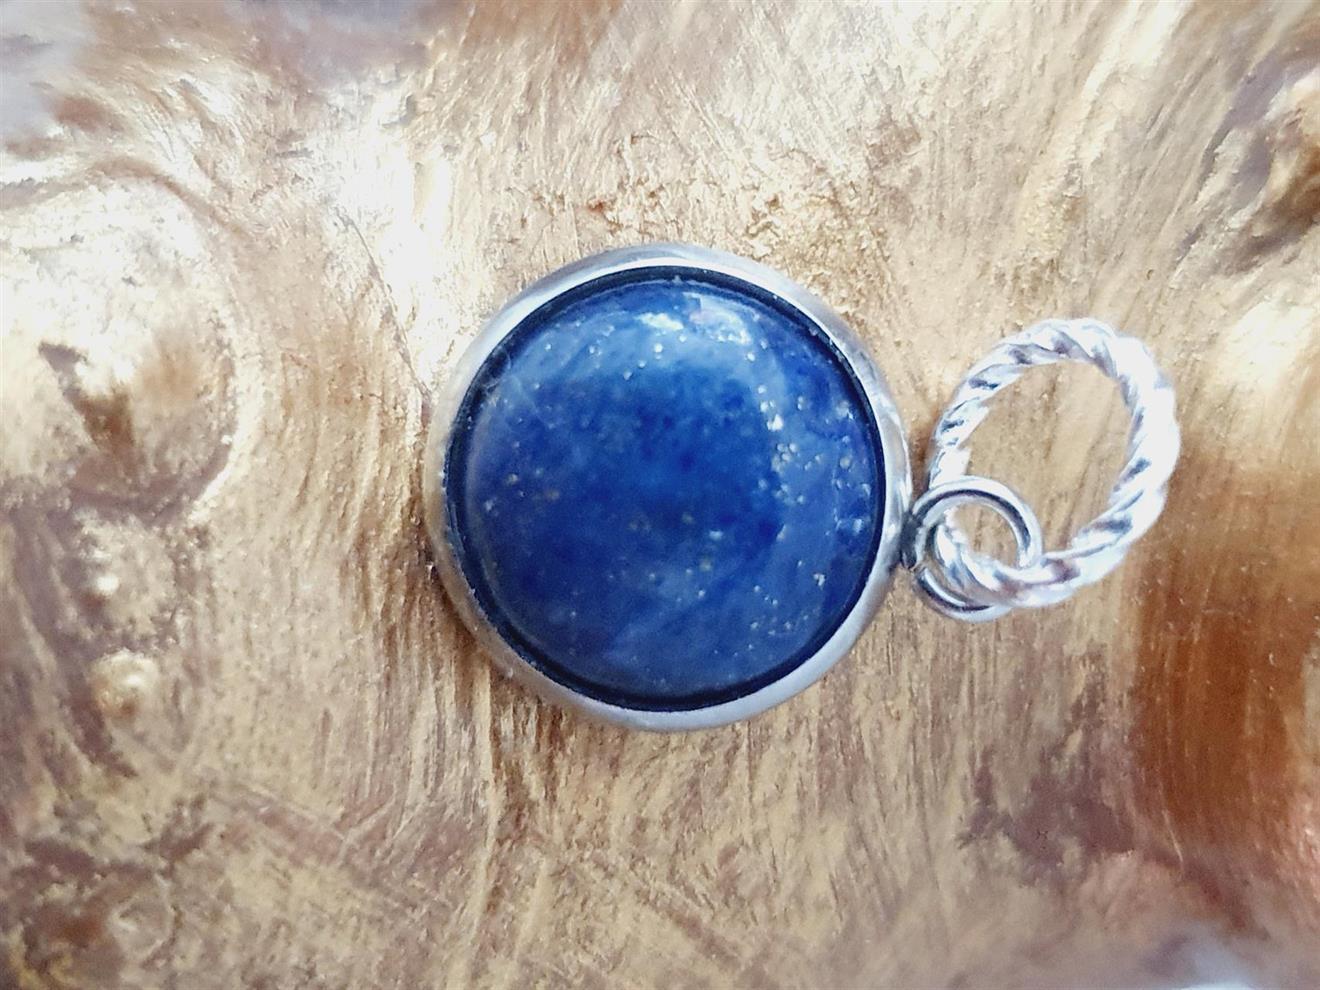 Hänge halsband Lapiz lazuli -blå rund